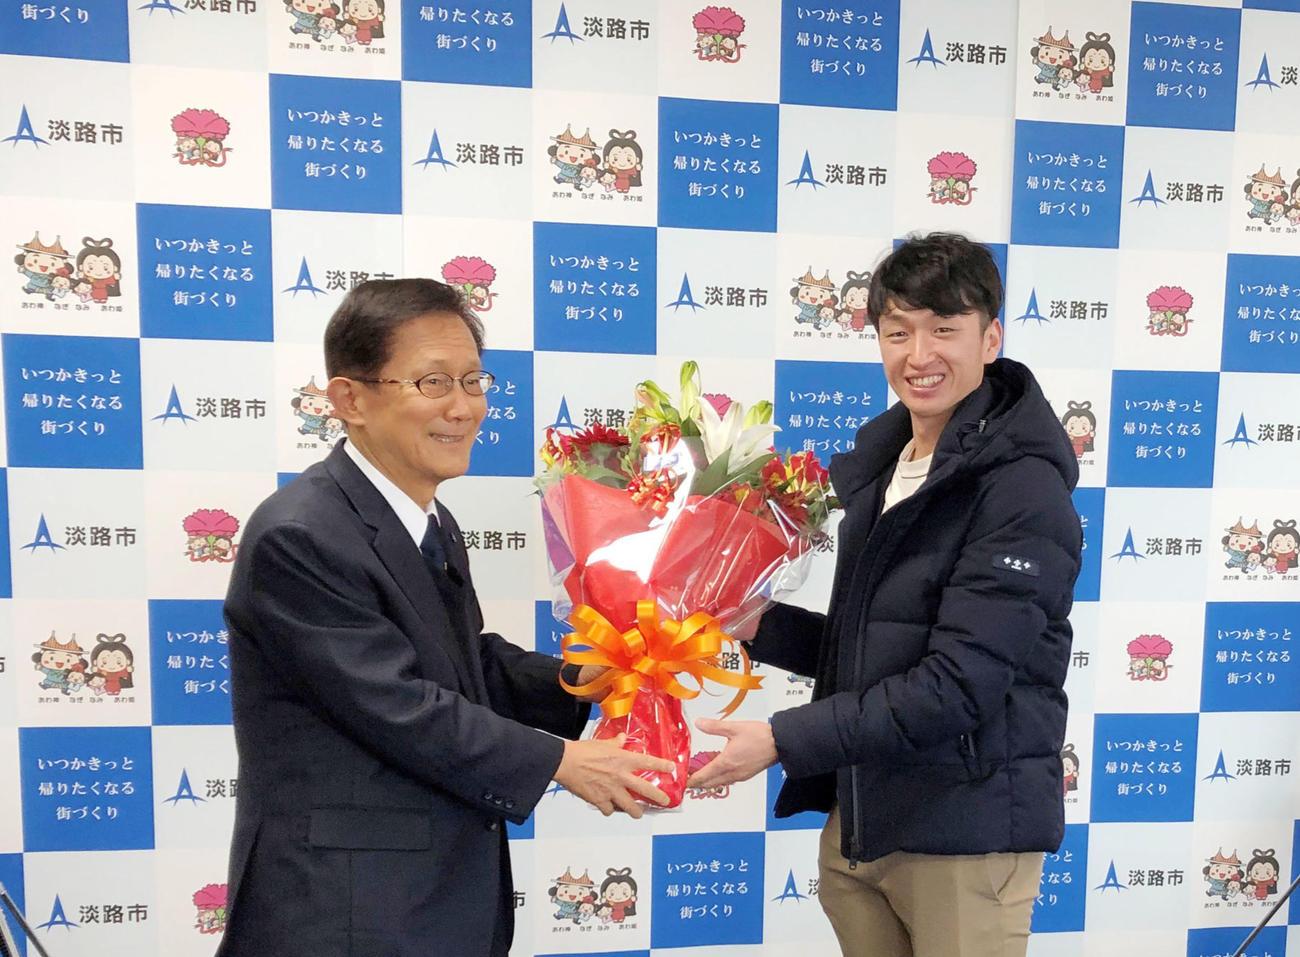 門康彦淡路市長(左)を表敬訪問し花束を受け取る近本(淡路市提供)